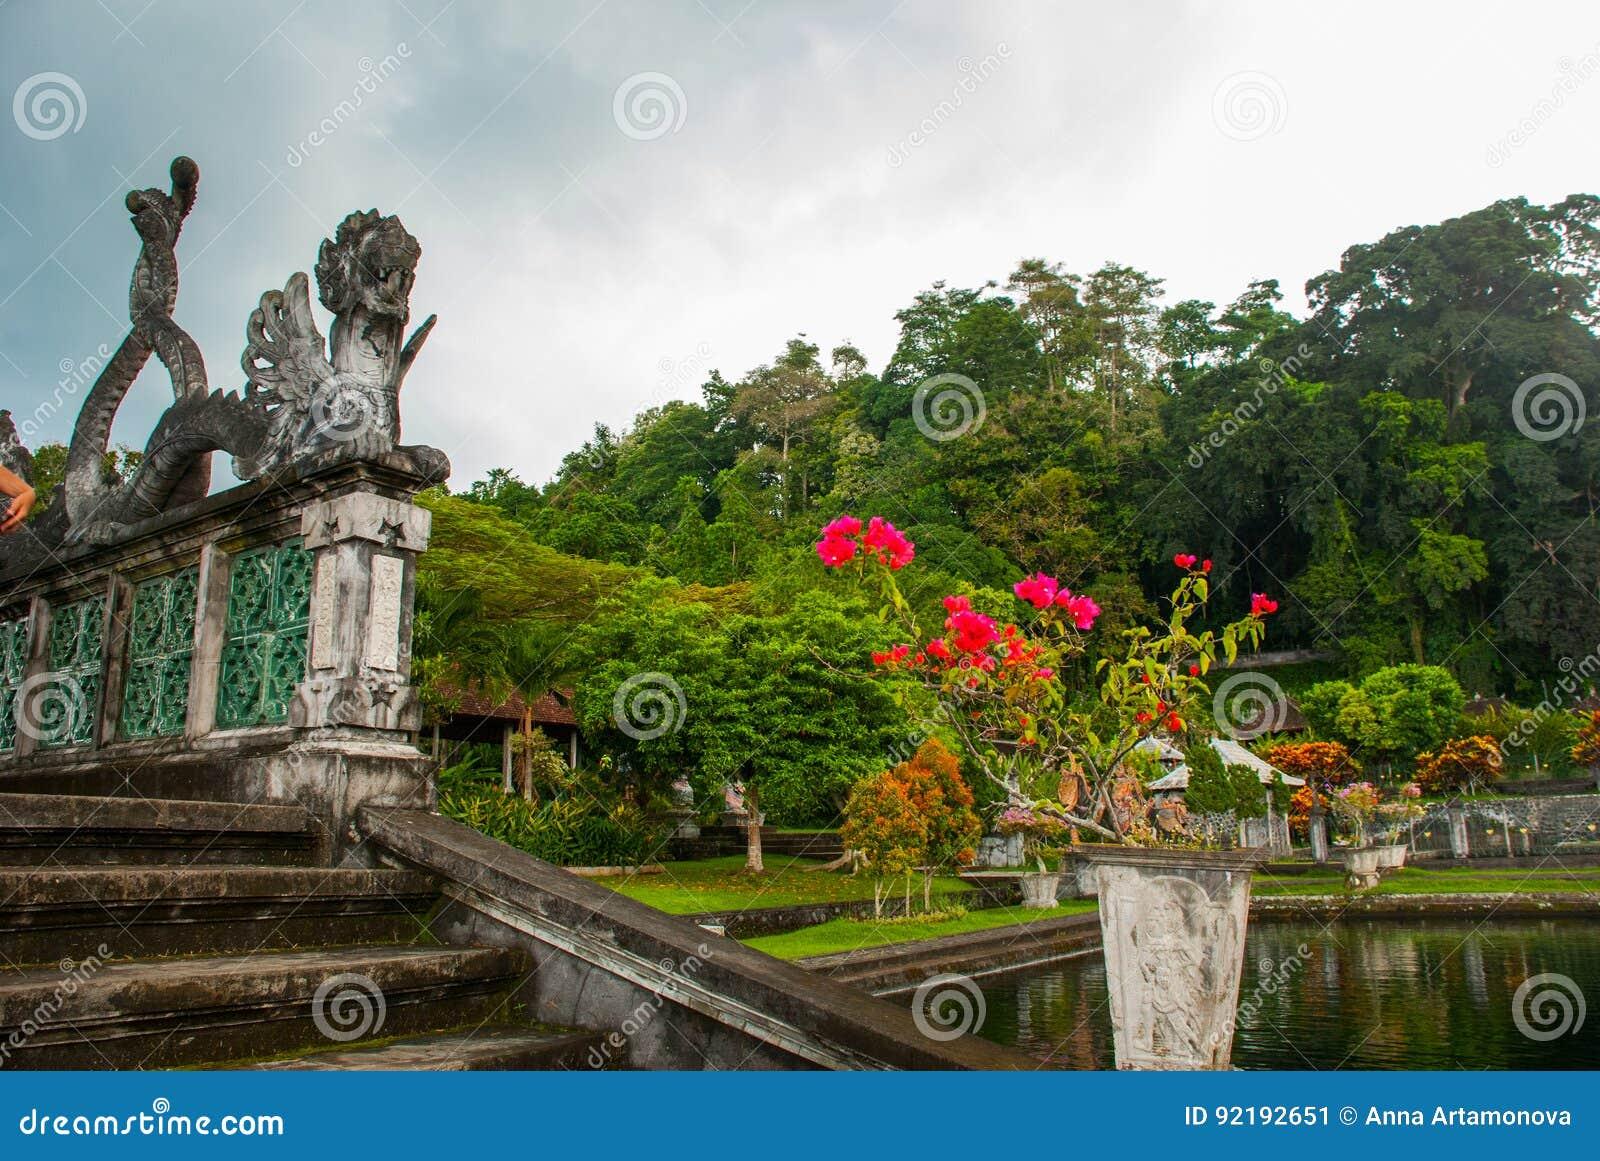 Μια τεχνητή γέφυρα με τέσσερα αγάλματα των δράκων με τις στριμμένες ουρές, πάρκο Tirta Gangga, Karangasem, Μπαλί, Ινδονησία